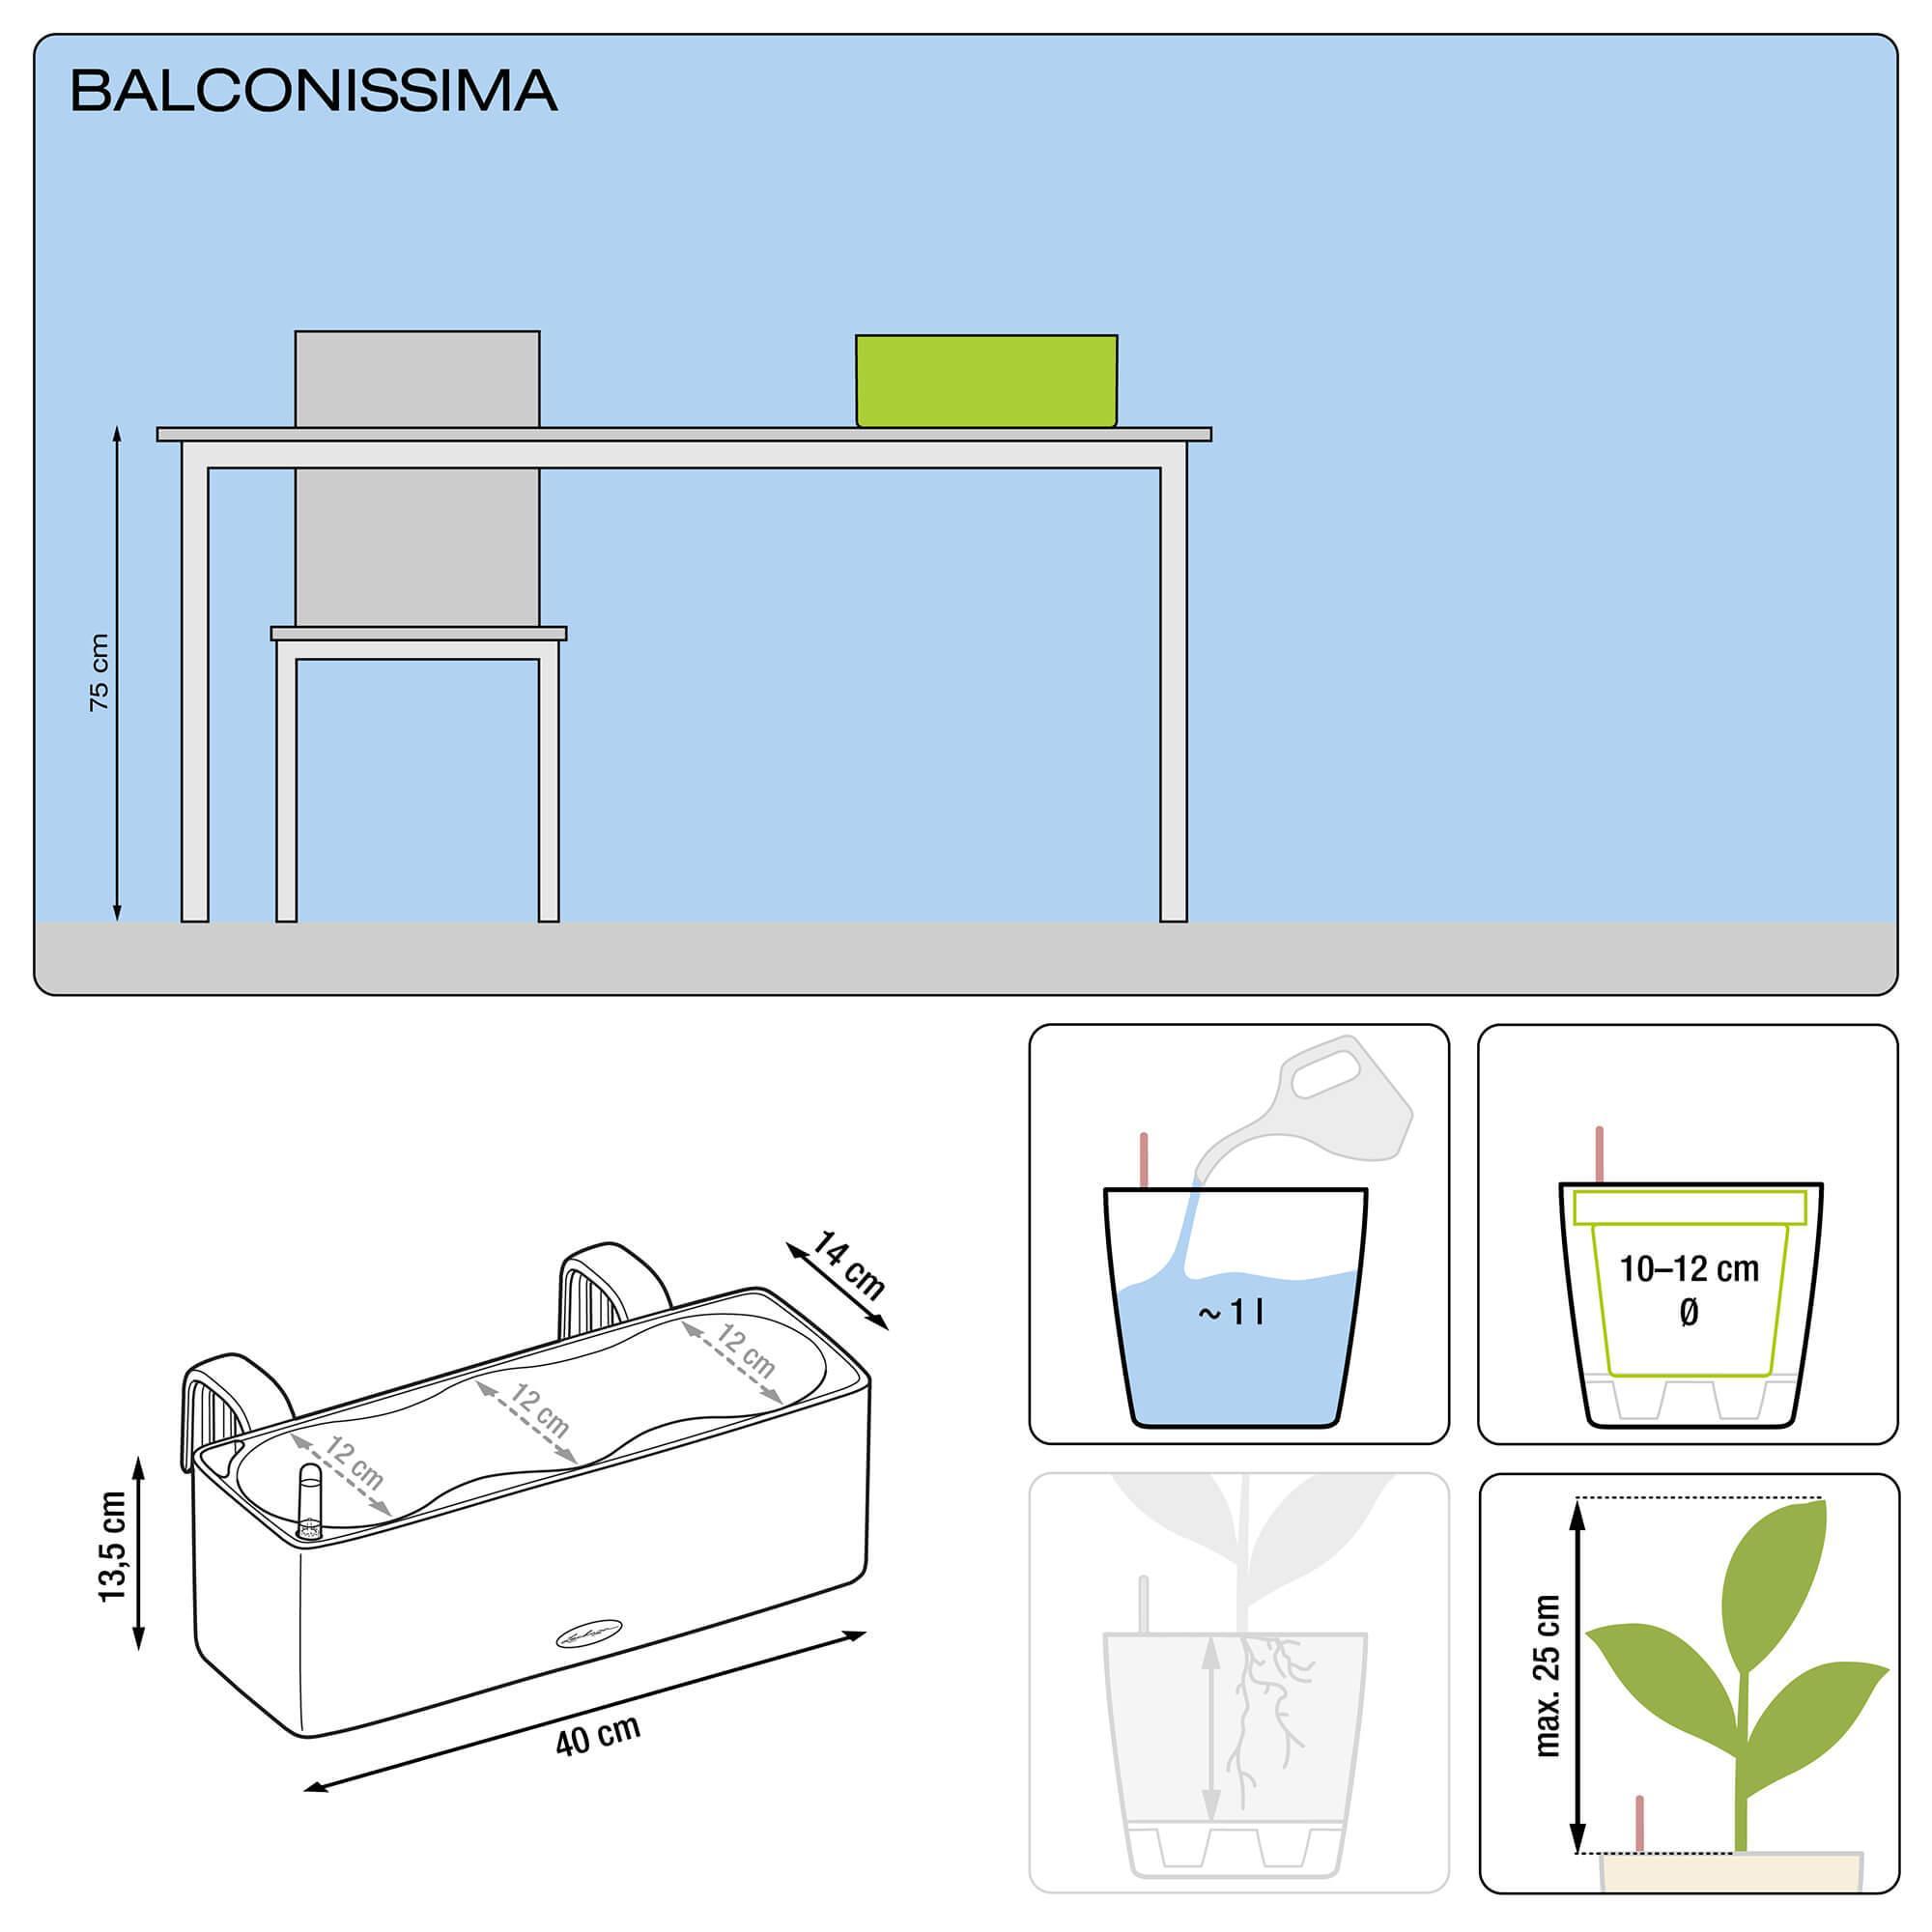 BALCONISSIMA Color серый - изображение 2